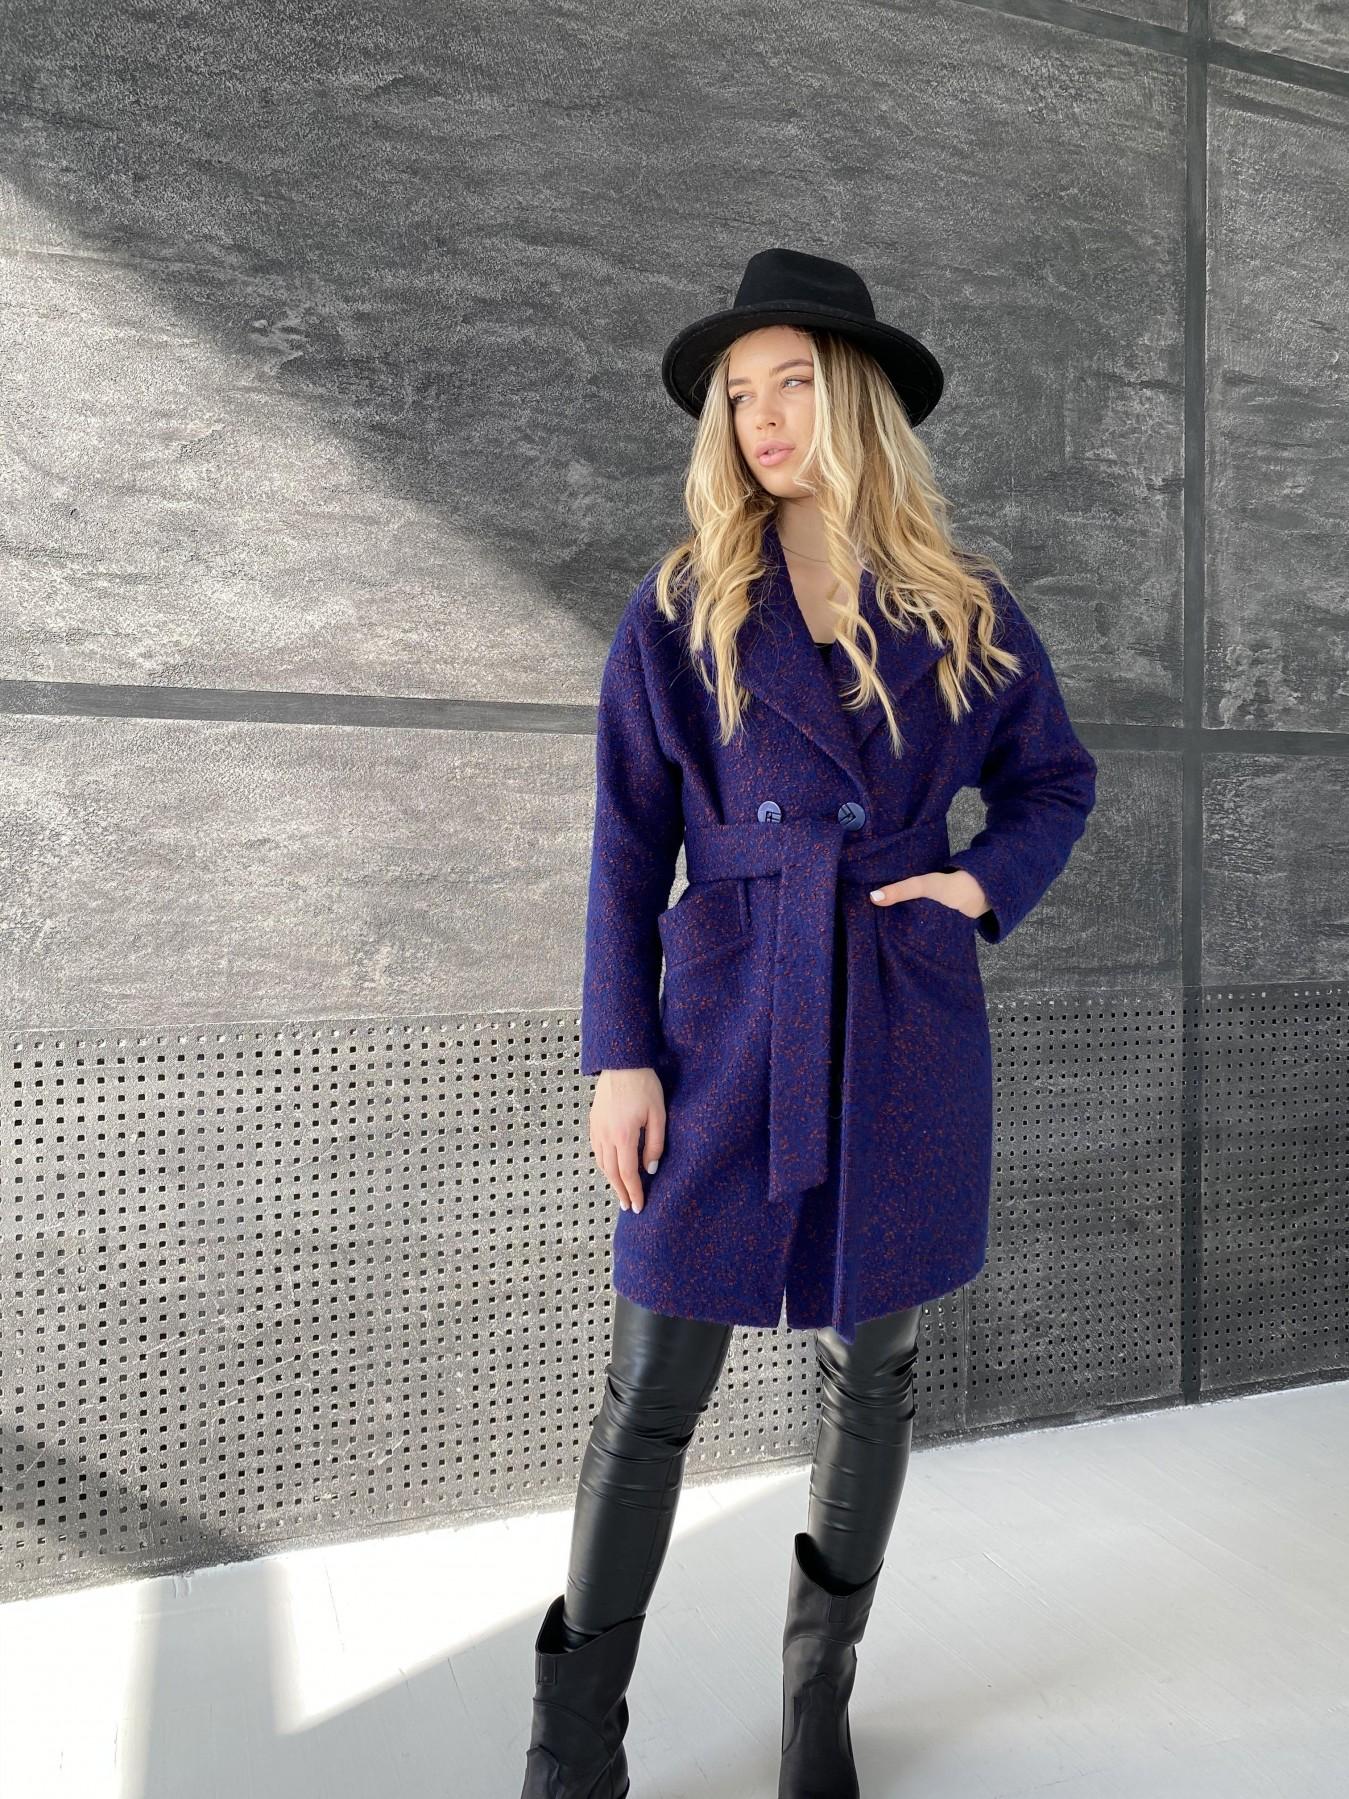 Сенсей пальто из шерсти букле 10780 АРТ. 47237 Цвет: Т.синий марсала 43 - фото 7, интернет магазин tm-modus.ru